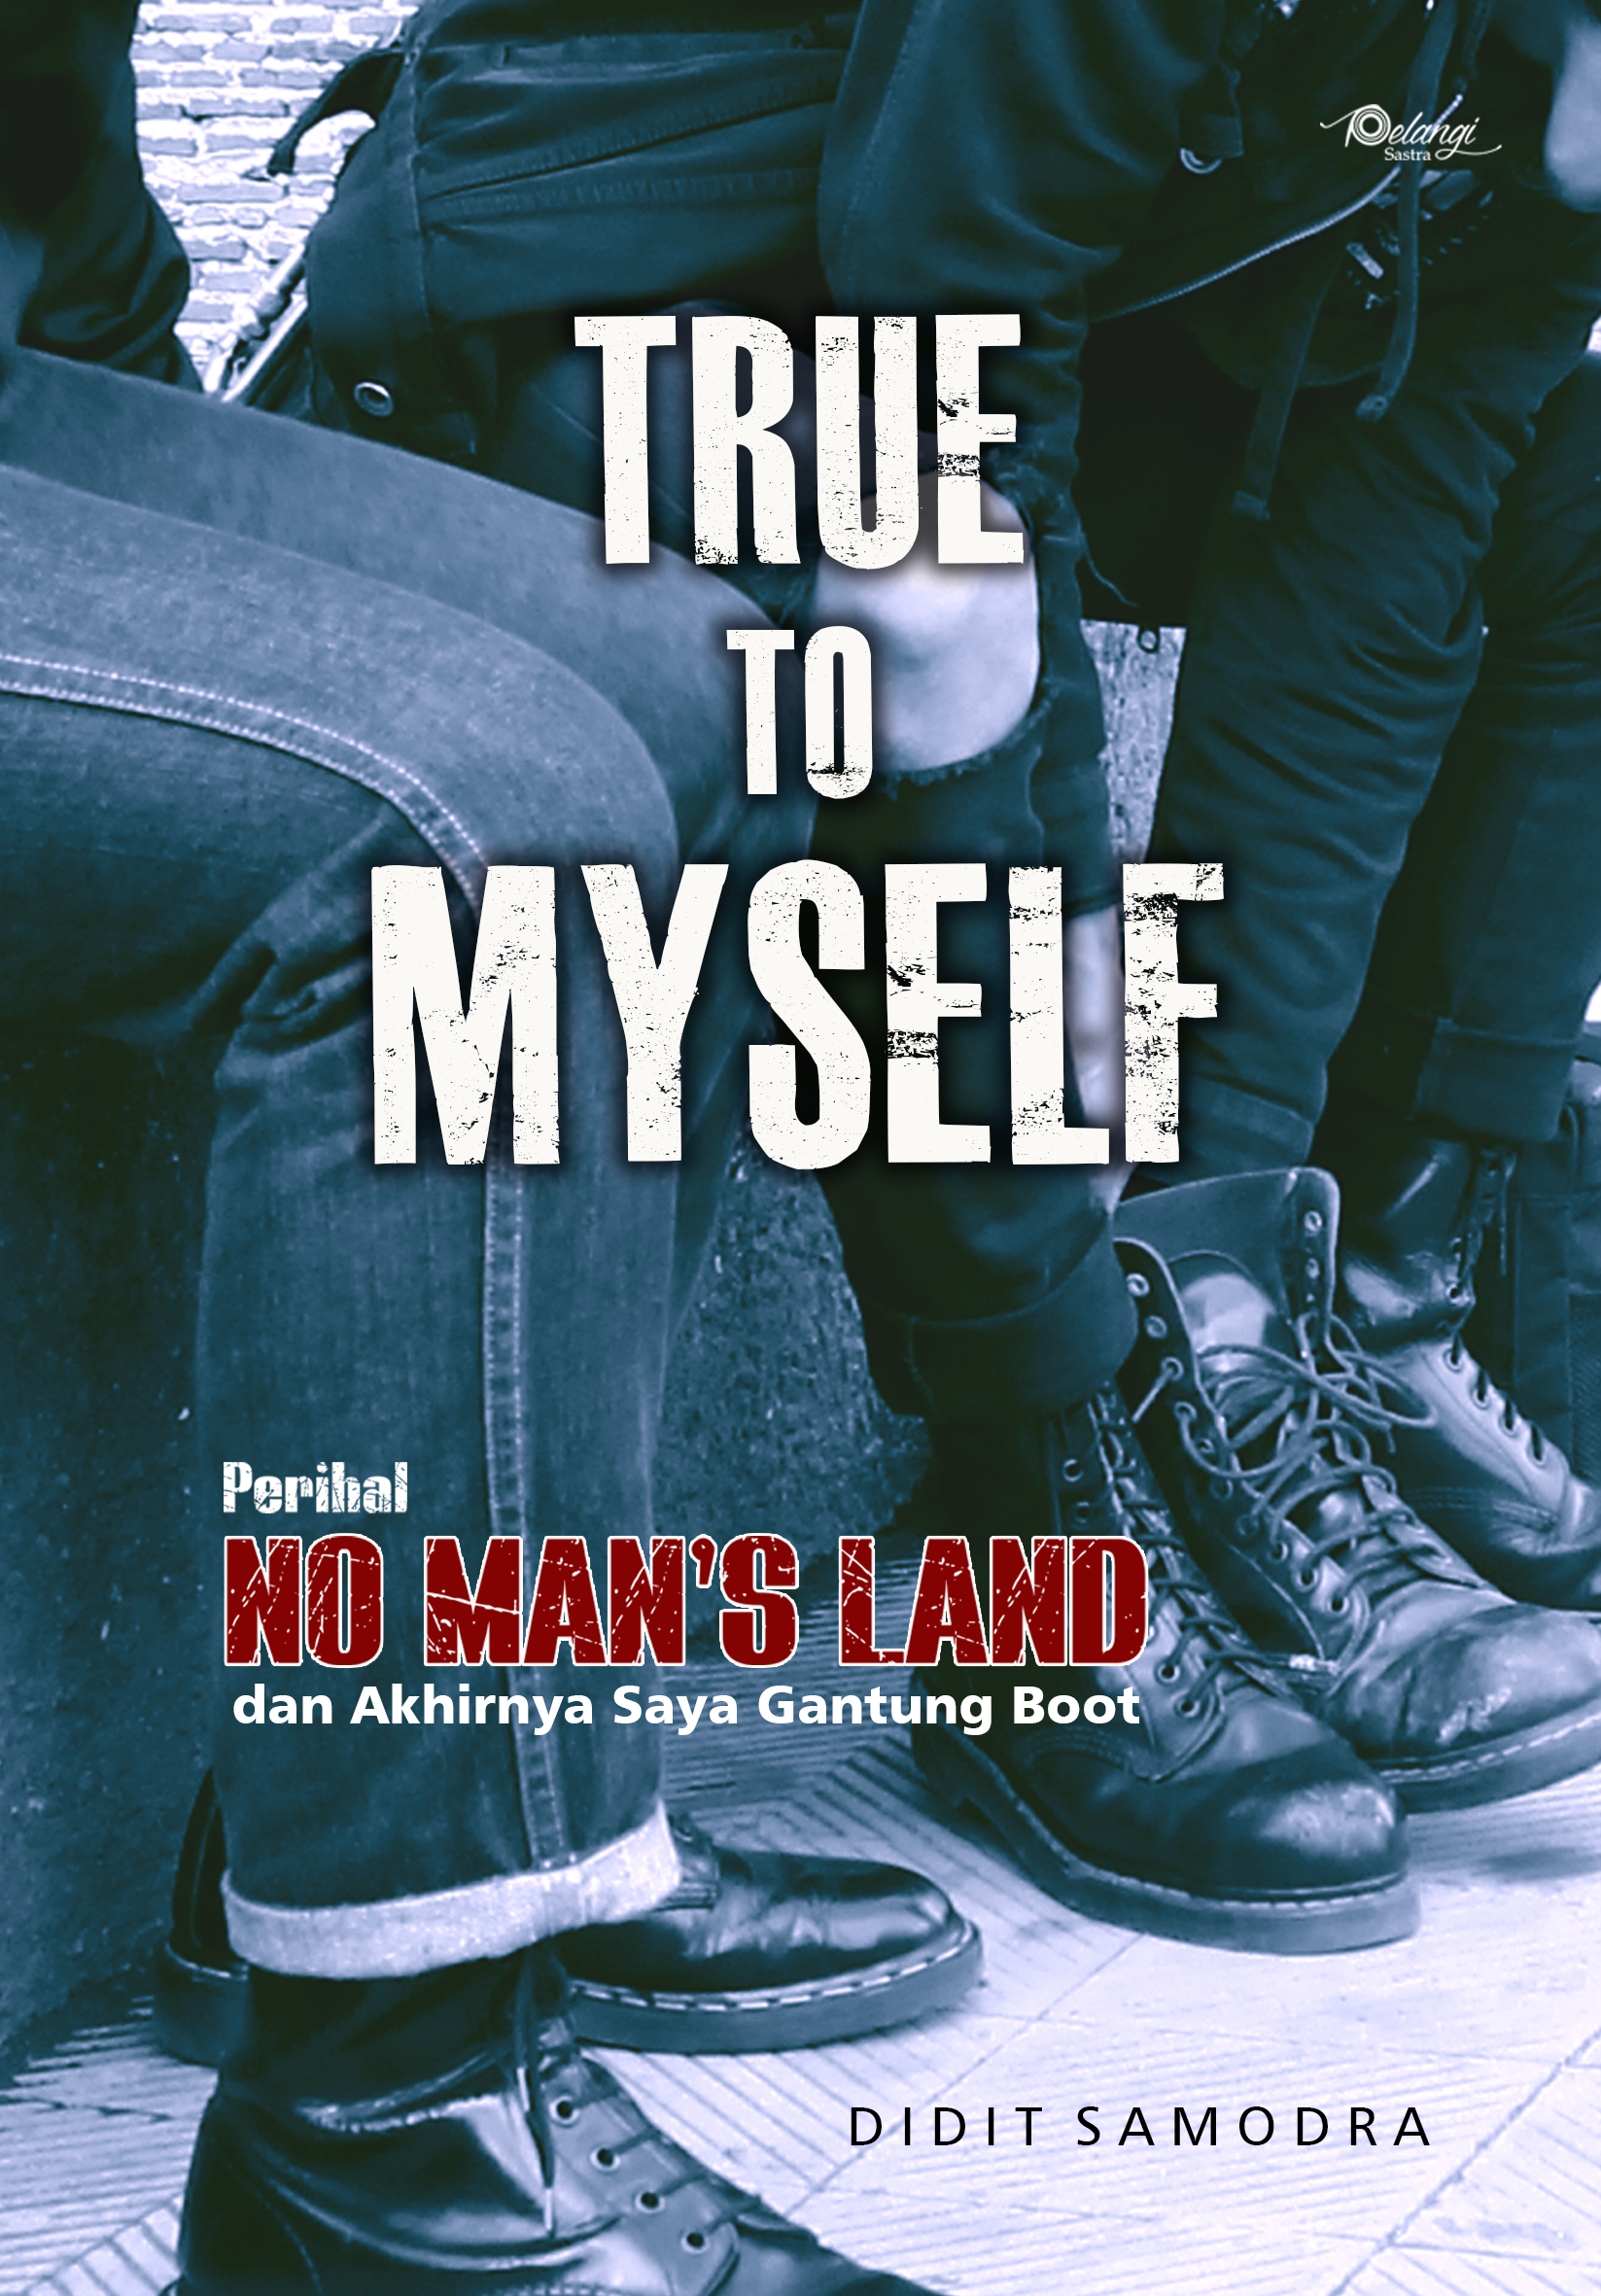 True to Myself: Perihal No Man's Land dan Akhirnya Saya Gantung Boot